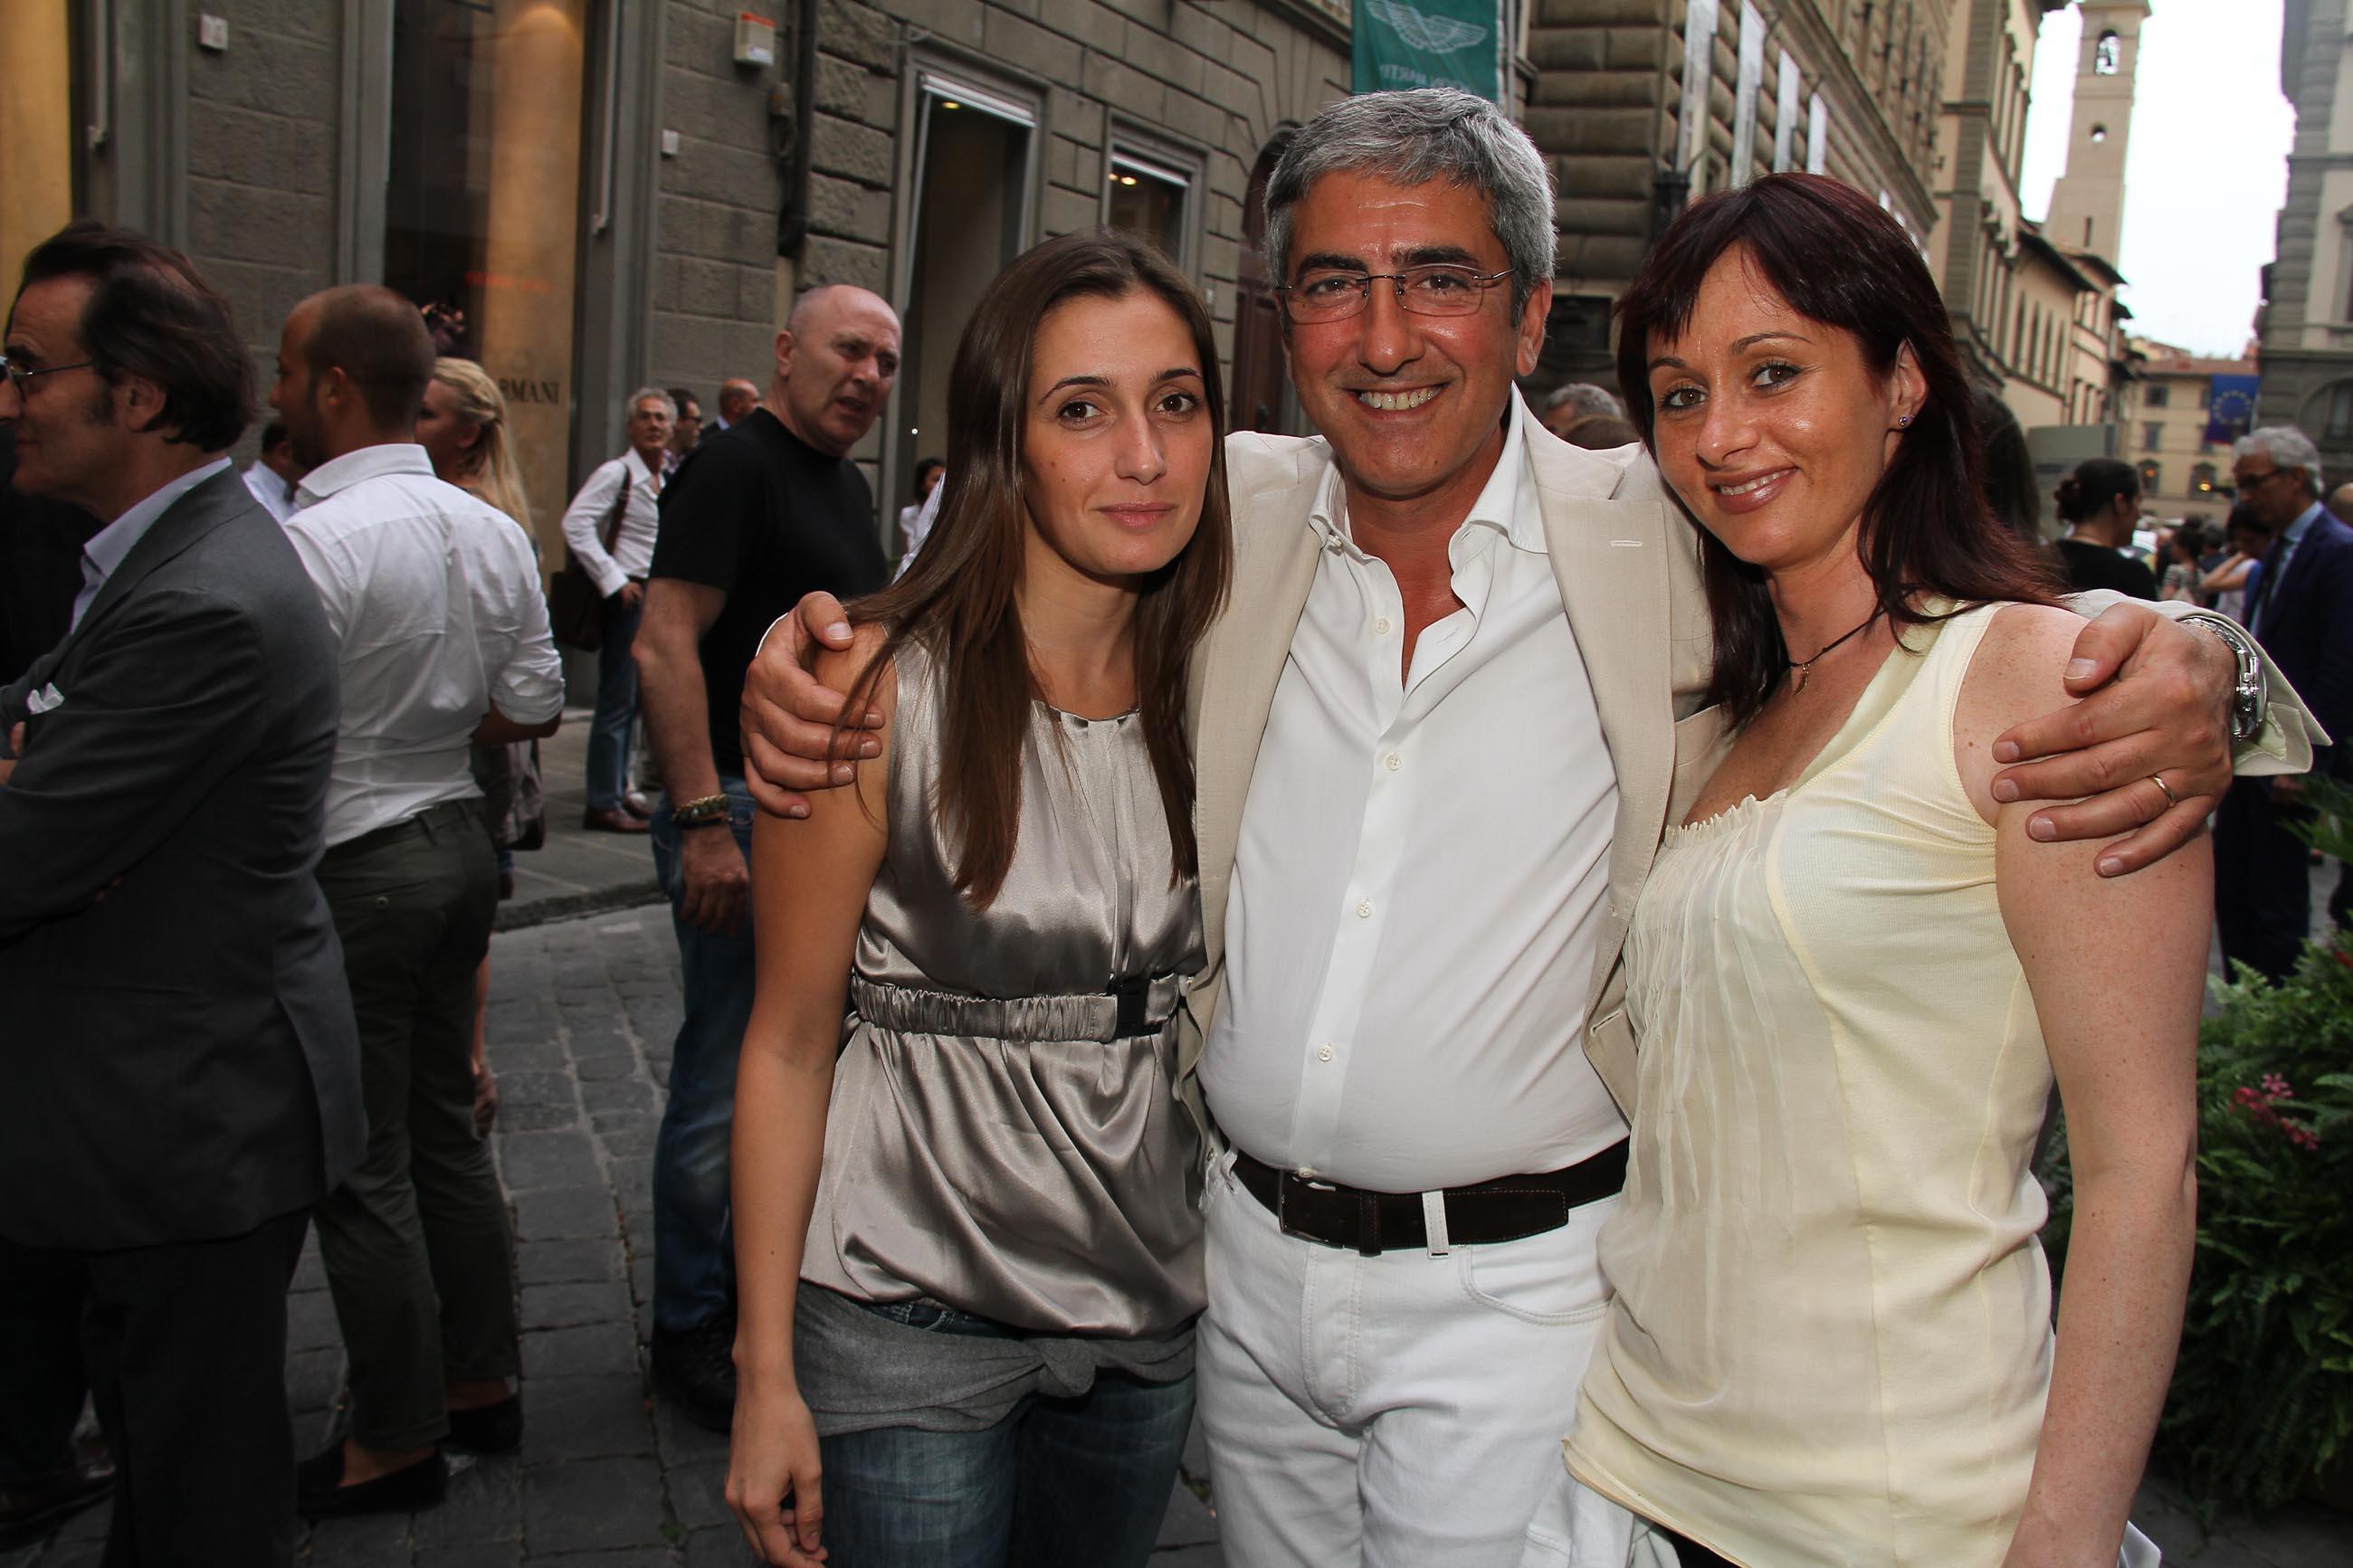 PRESSPHOTO Firenze, Evento Milord Aston Martin. Nella foto Francesca Castagna, Gianni Di Giorgio e Katiuscia Montesi